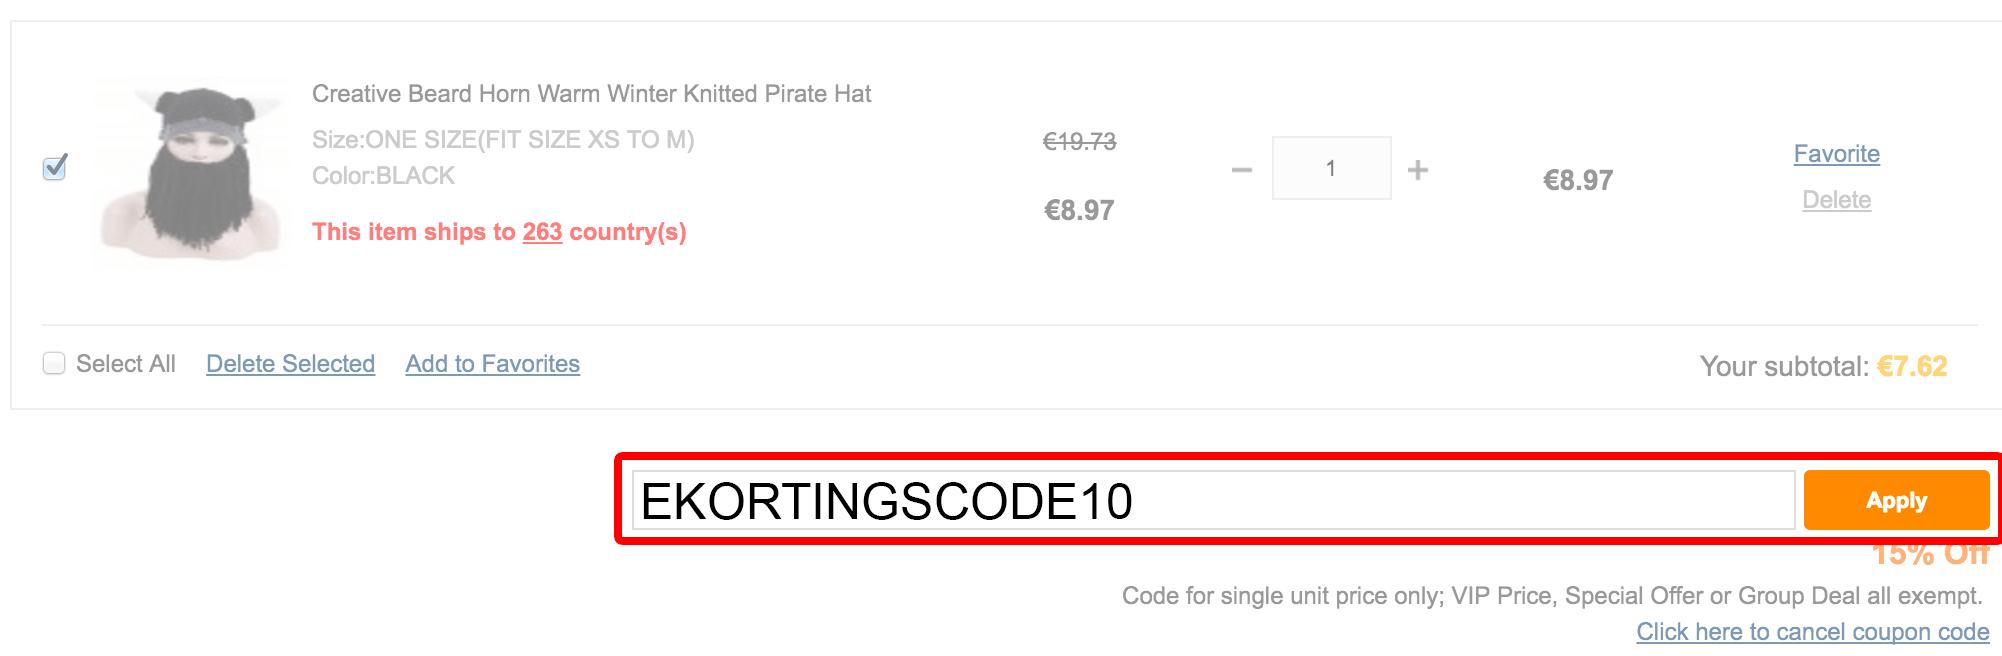 GearBest kortingscode gebruiken